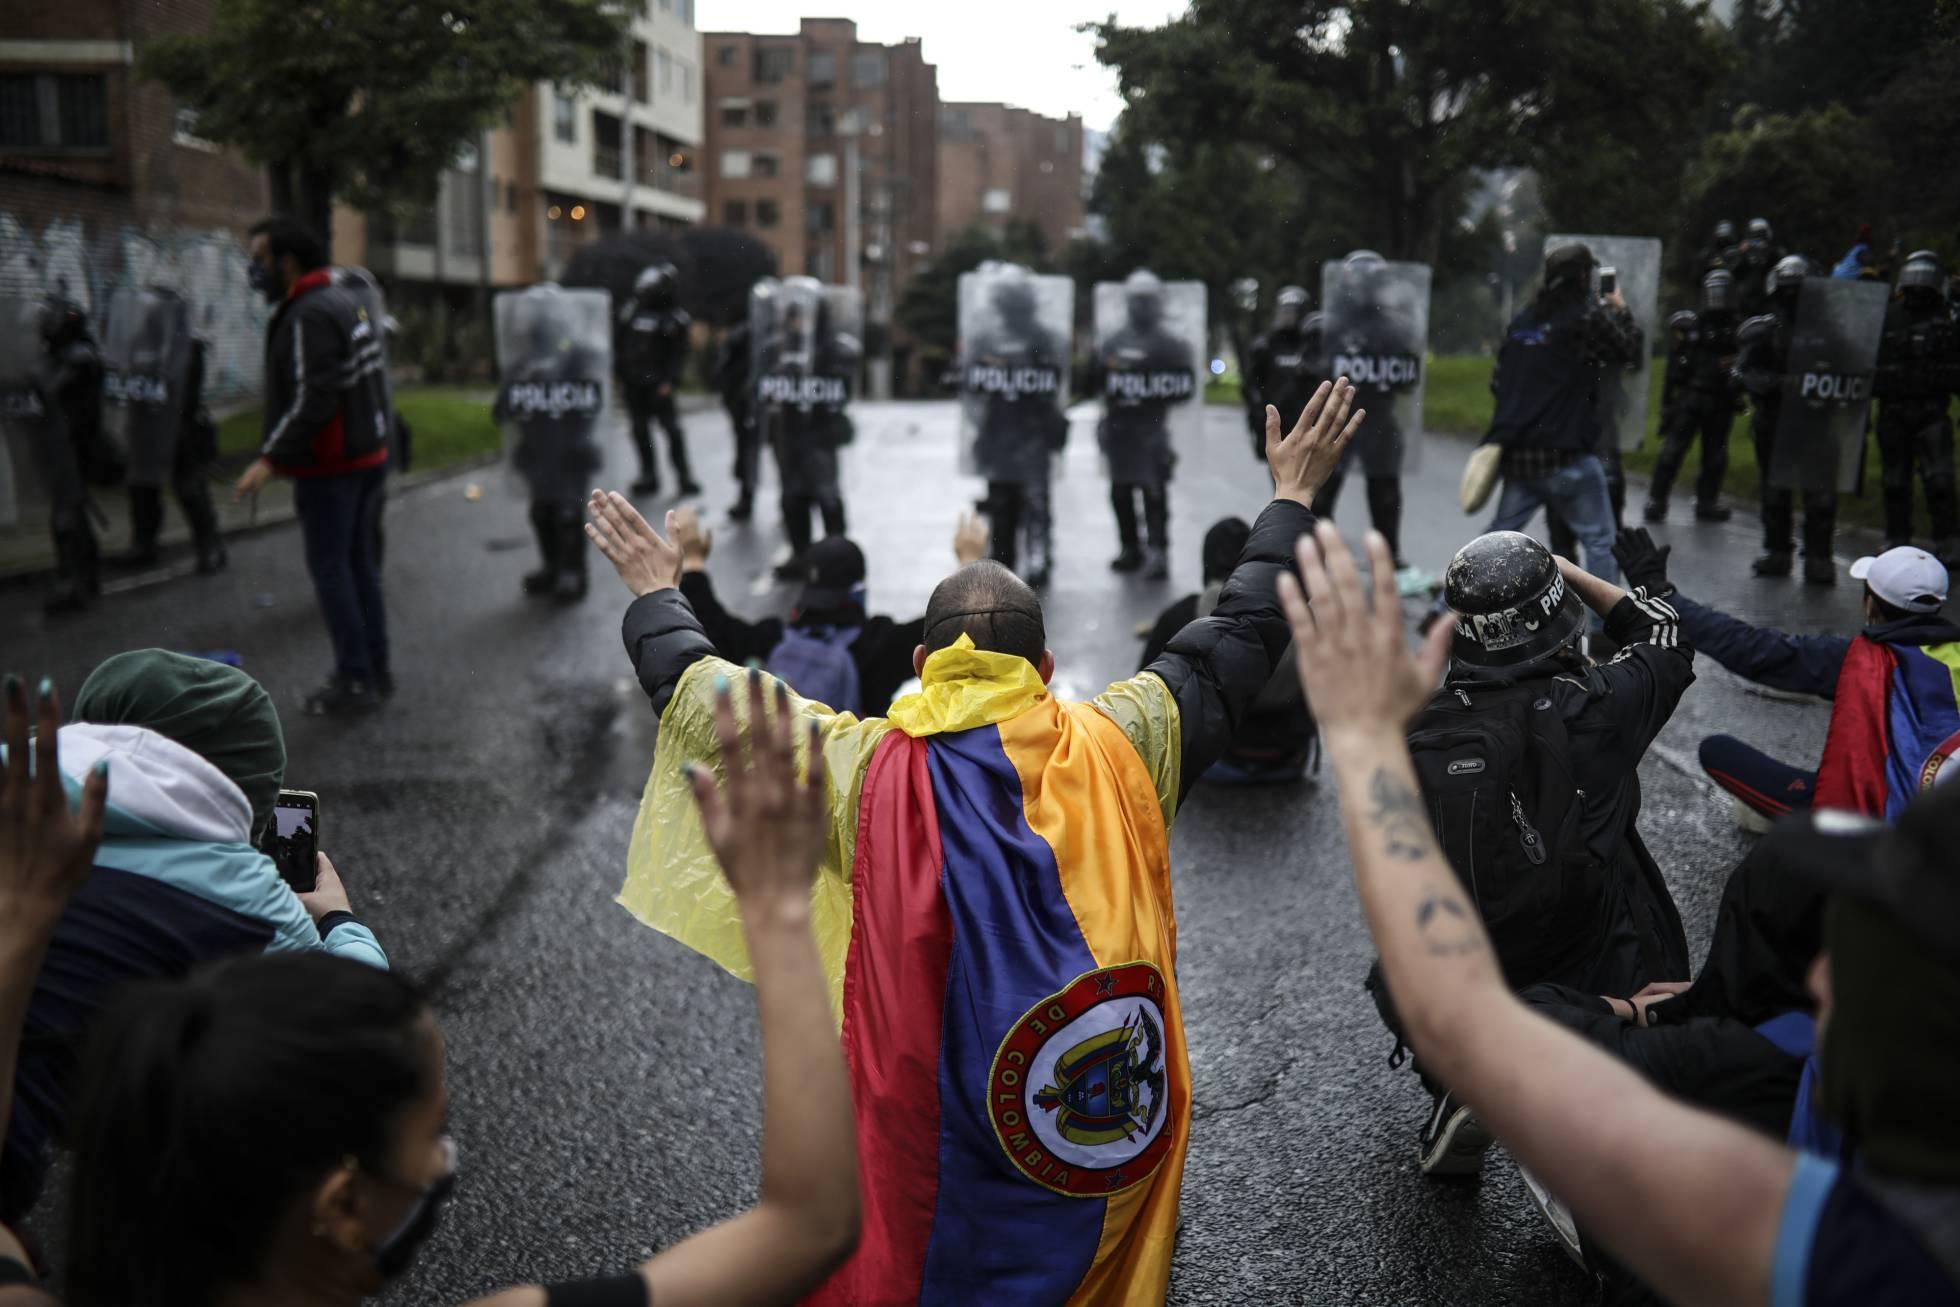 Metrics - colapso metro cdmx, Conversación digital, elecciones 2021, metro cdmx, protestas colombianas, reforma fiscal, Tendencias